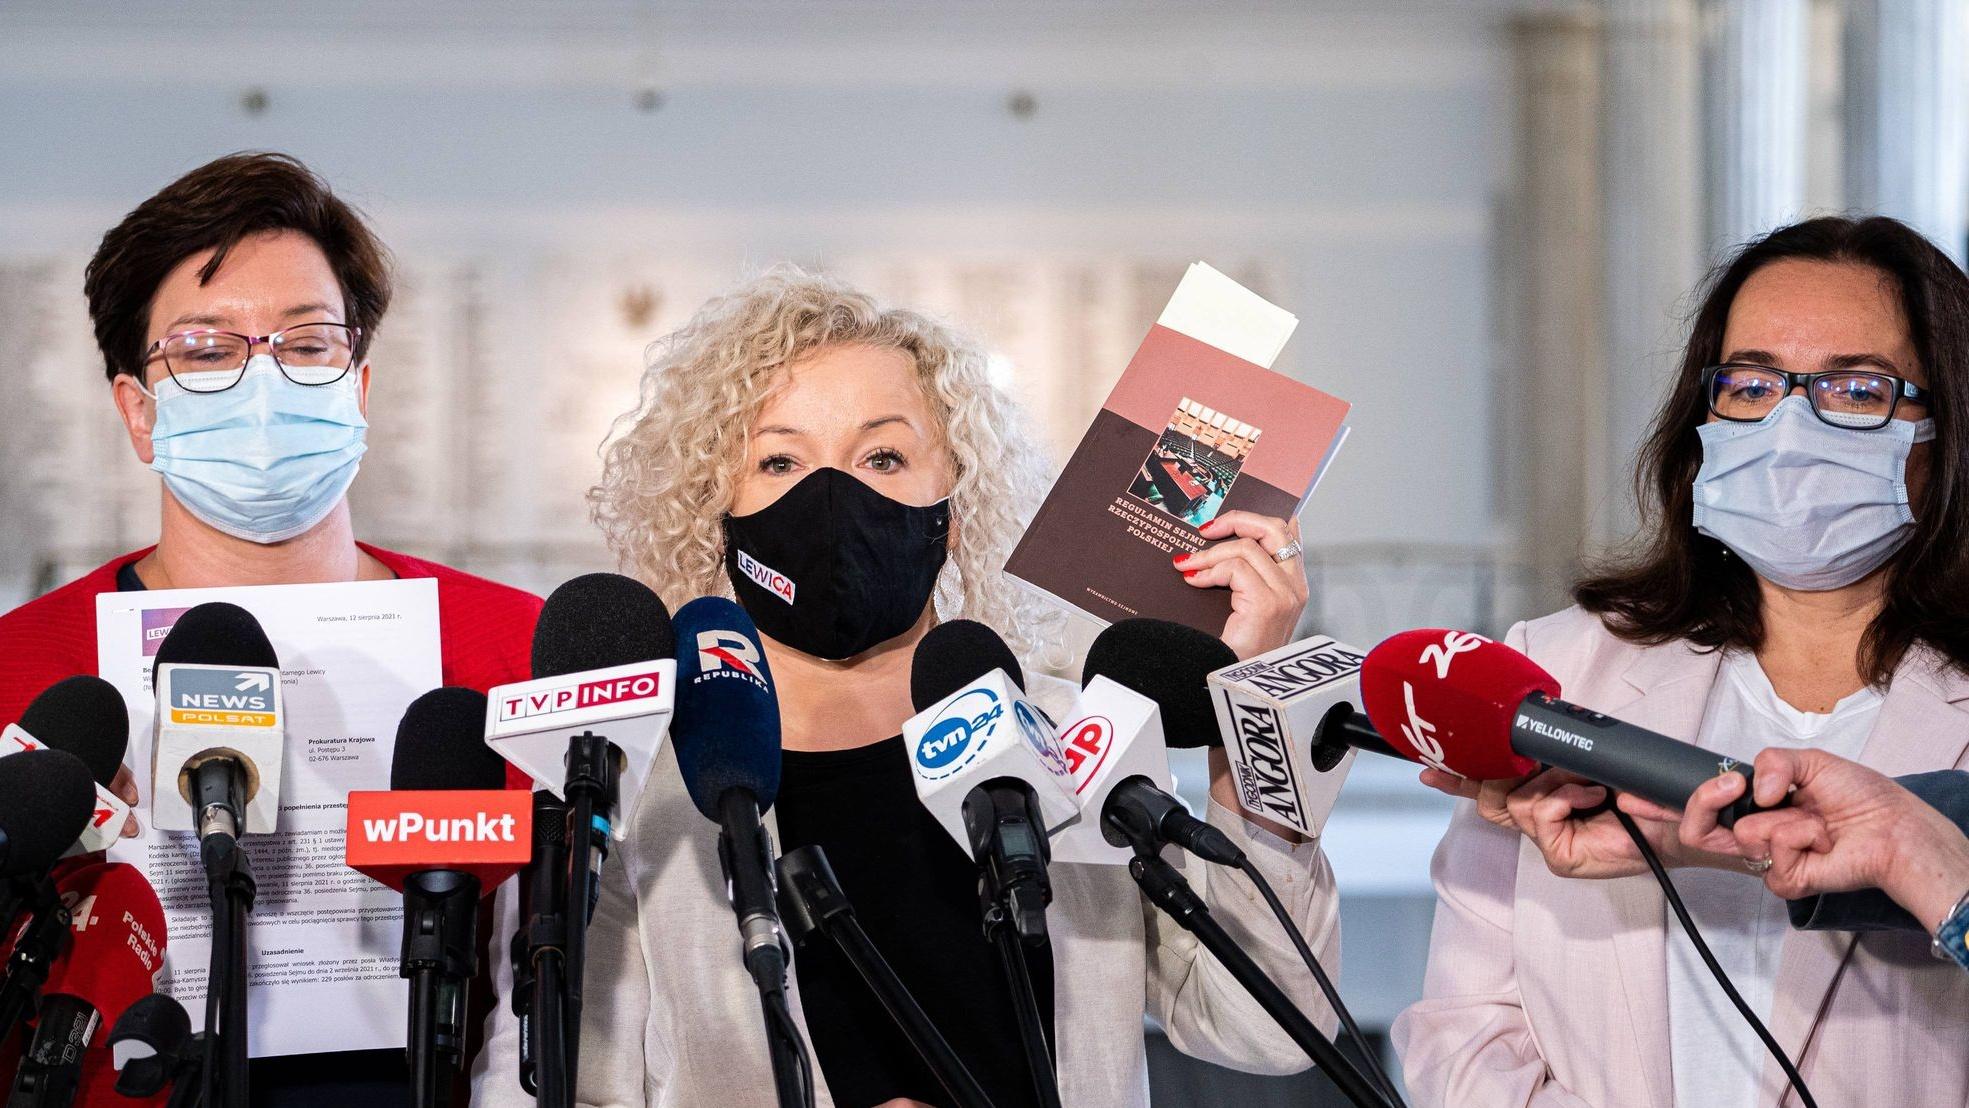 Lewica zawiadamia prokuraturę ws. możliwości popełnienia przestępstwa przez Witek